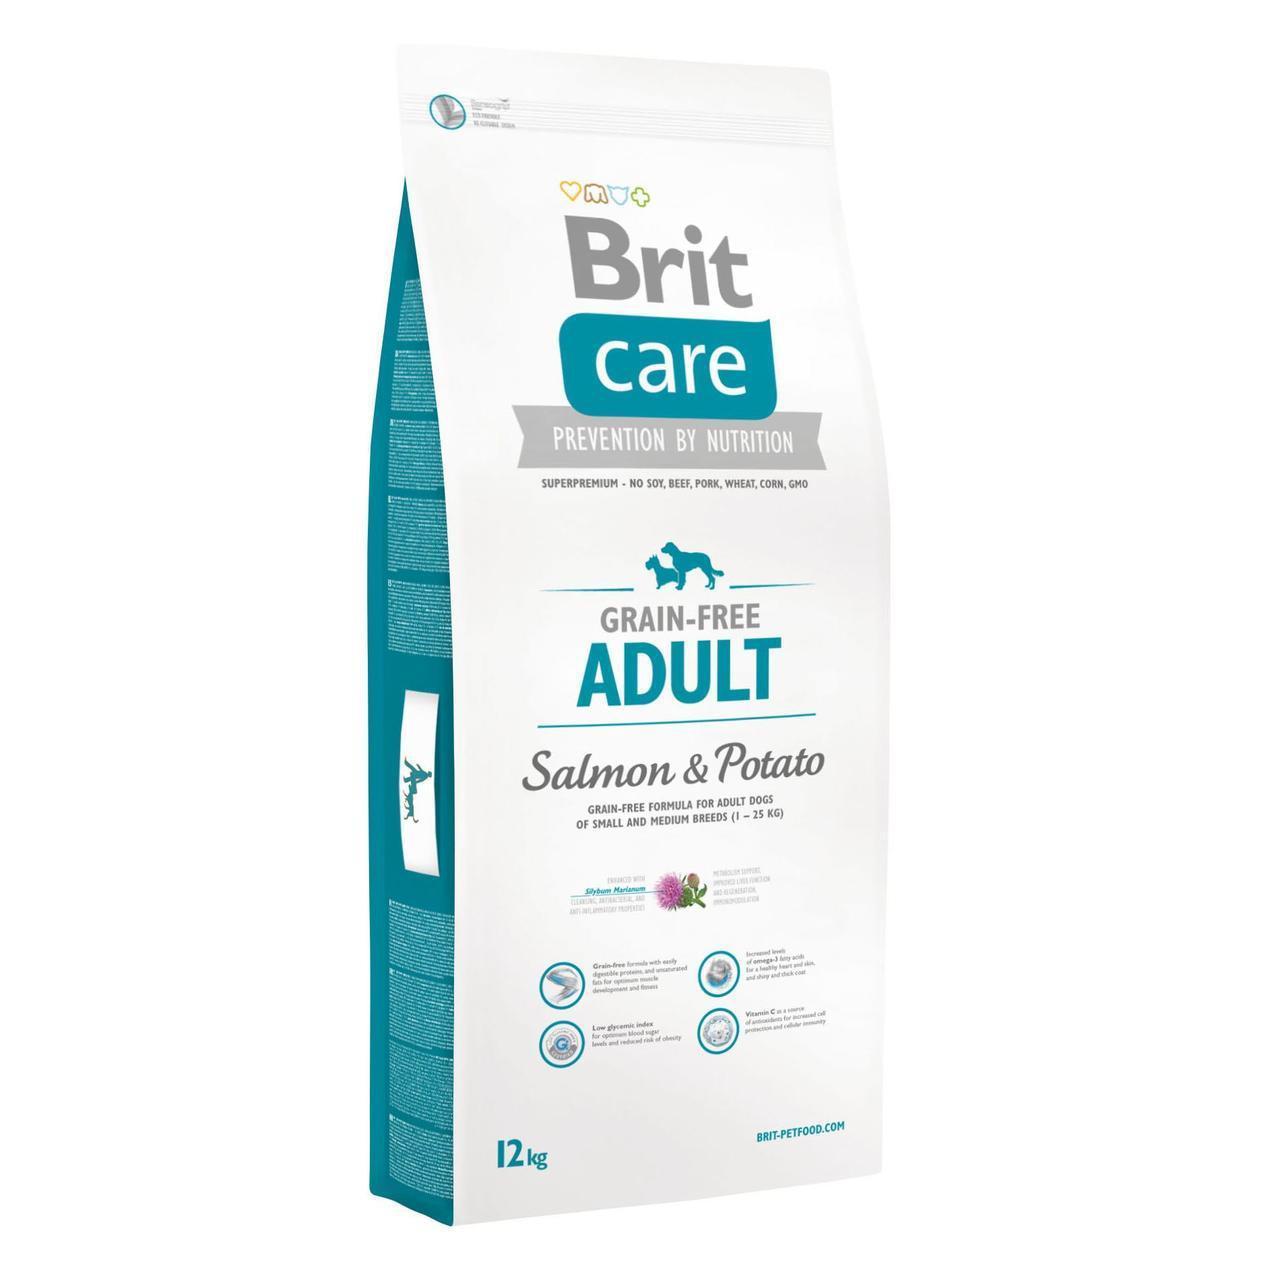 Сухой корм для взрослых собак мелких и средних пород (весом до 25 кг) Brit Care GF Adult Salmon & Potato 12 кг